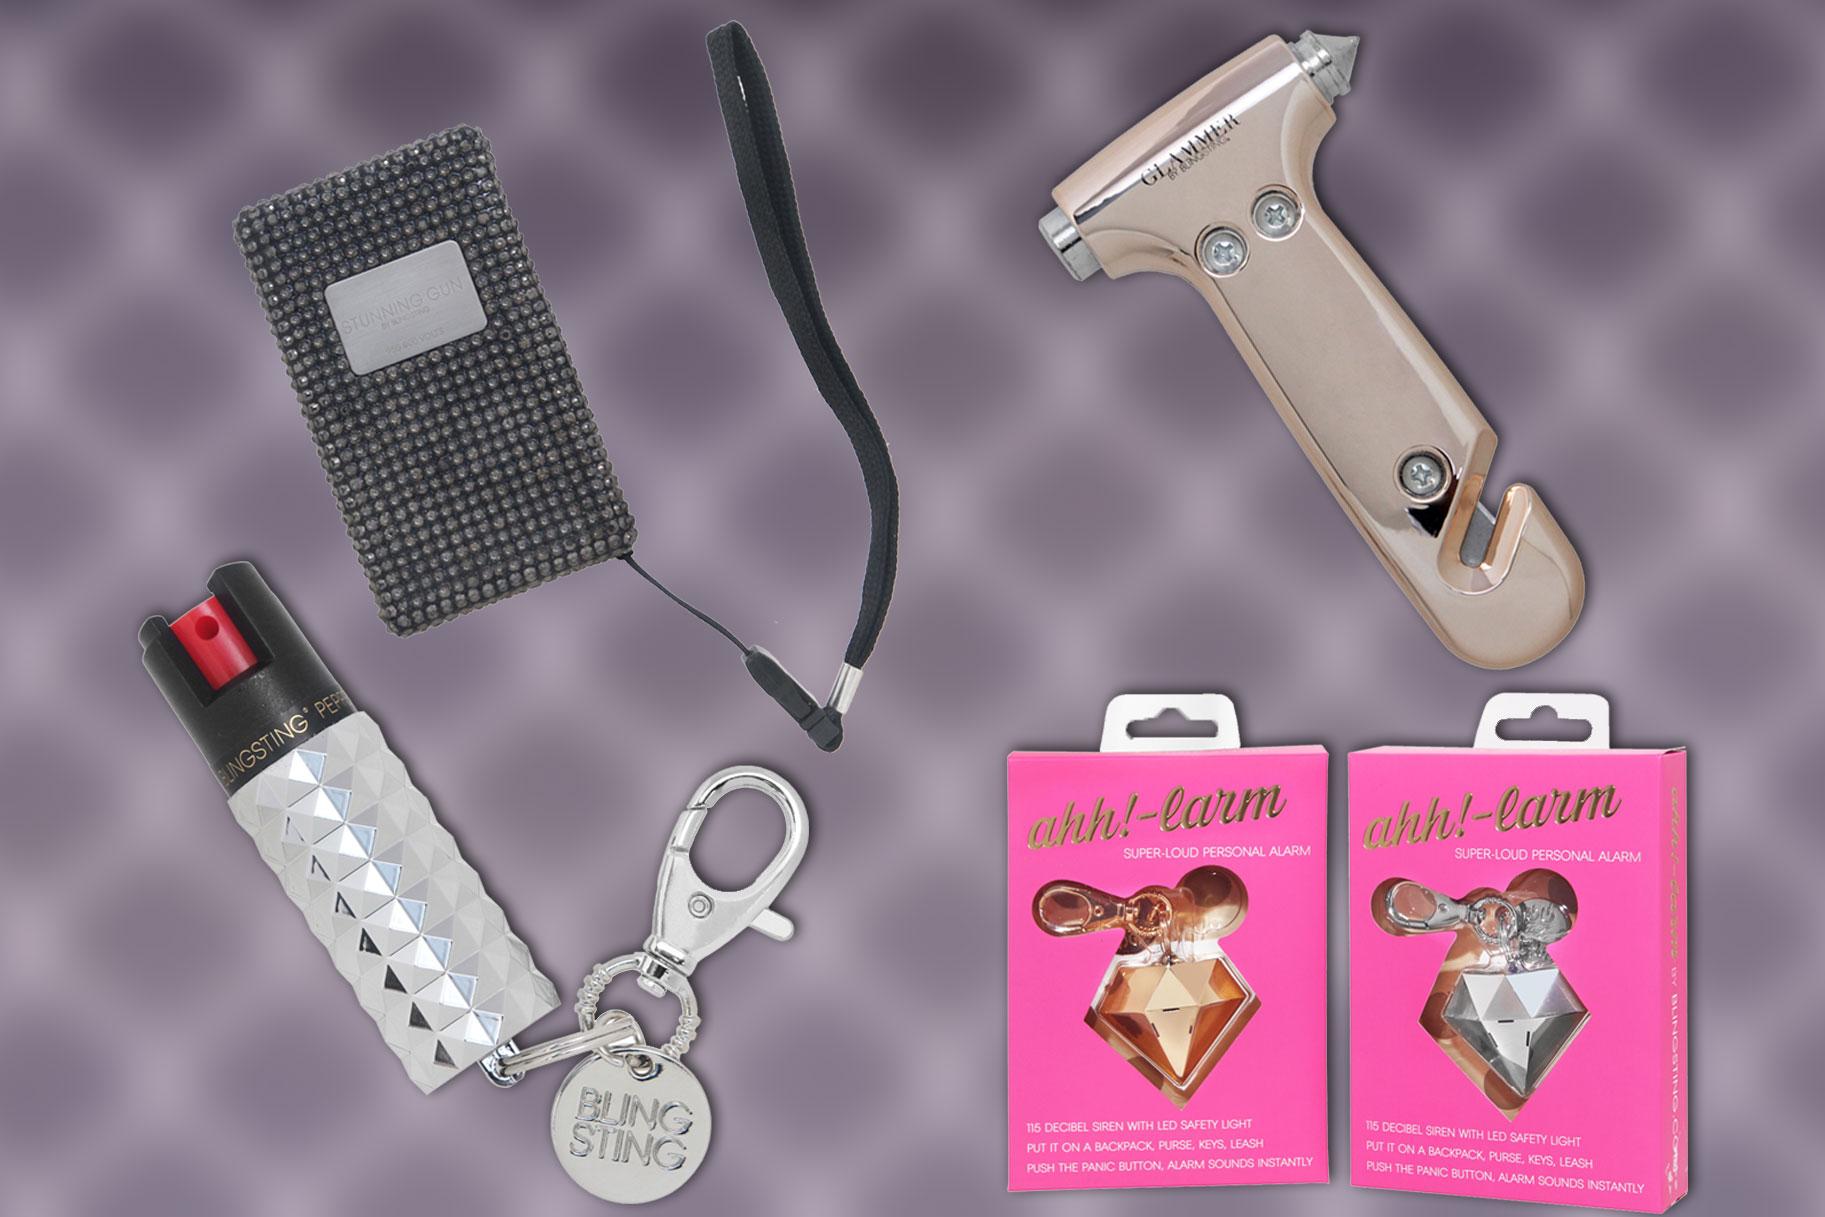 Πώς να παραμείνετε ασφαλείς: Τι πρέπει να γνωρίζετε για τις προσωπικές συσκευές ασφάλειας που κατασκευάζονται για γυναίκες